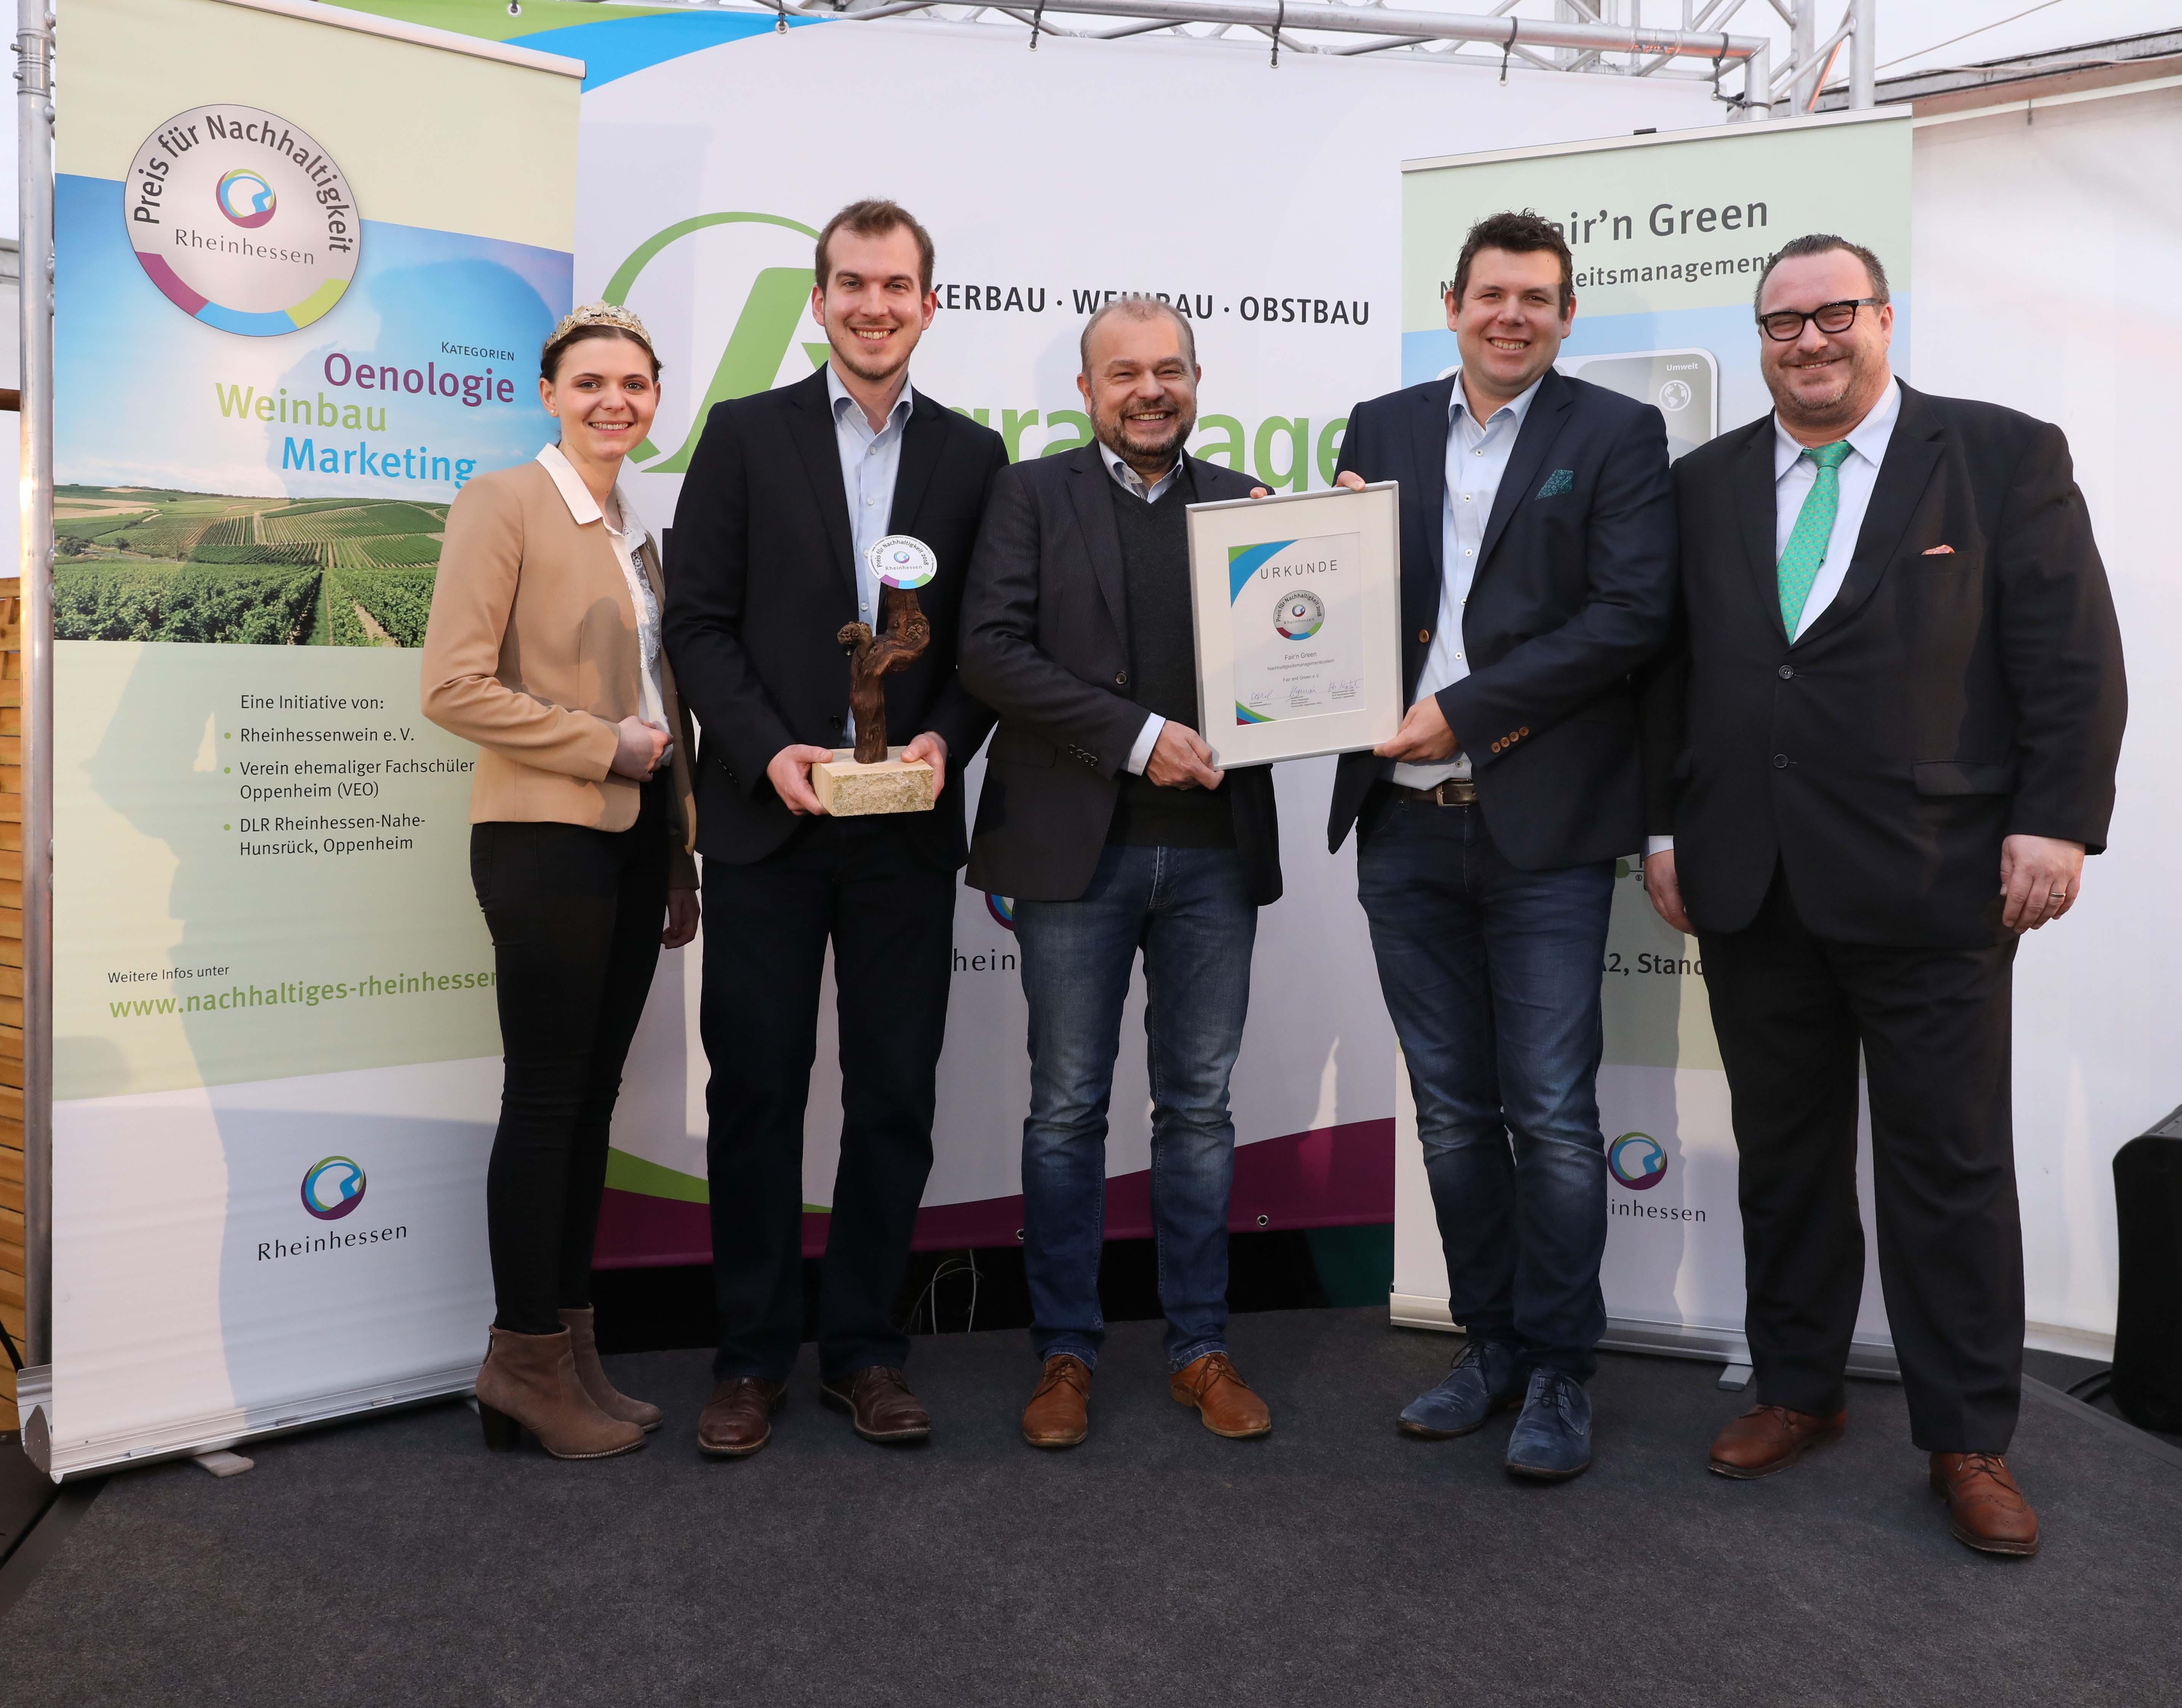 FAIR'N GREEN gewinnt Preis für Nachhaltigkeit 2018 - Foto Alexander Sell